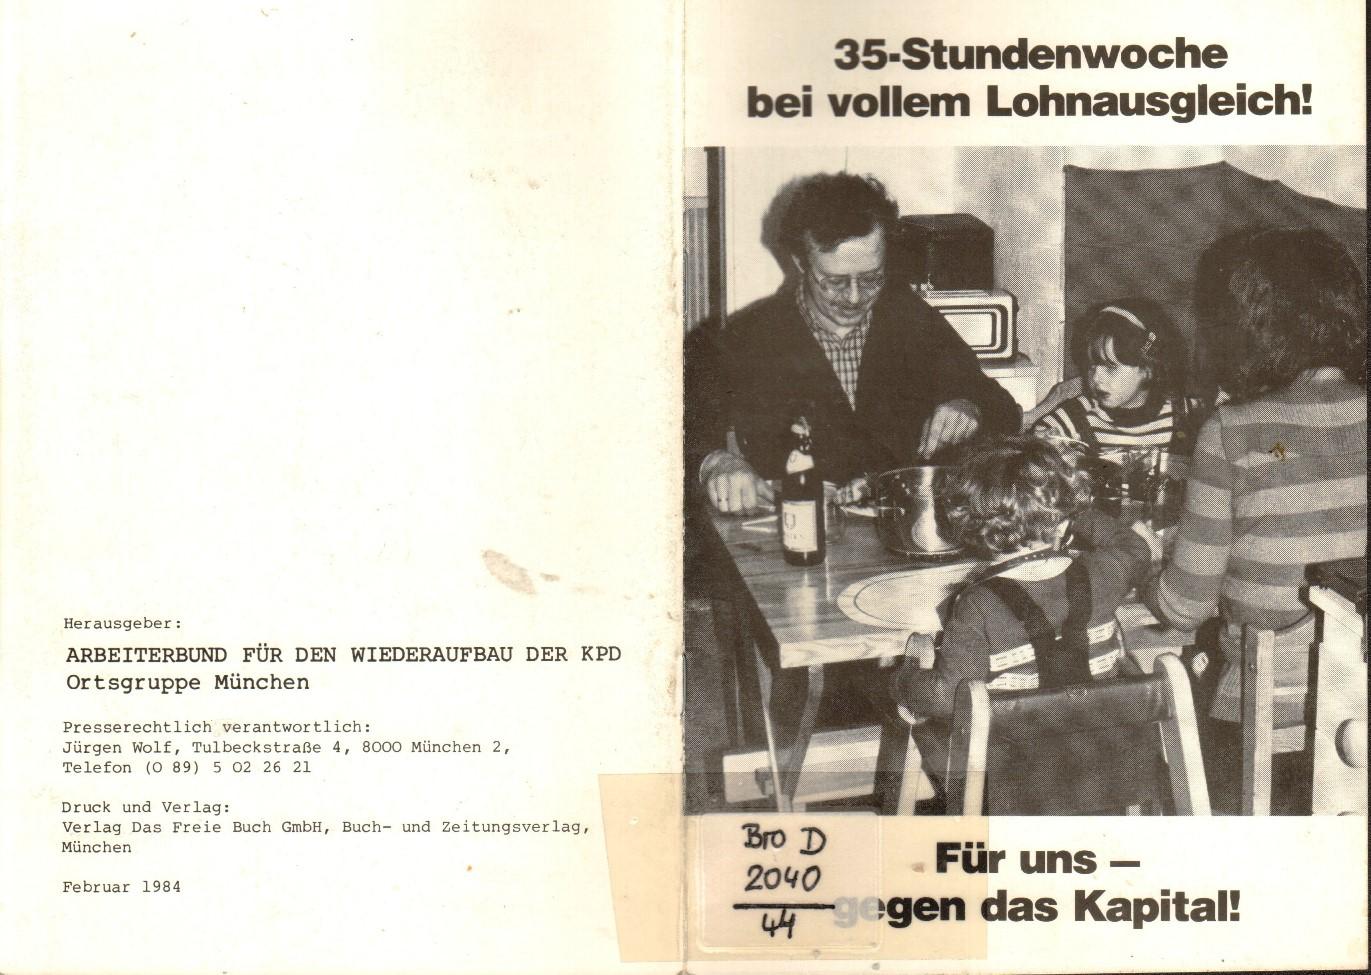 Muenchen_ABG_1984_35_Stundenwoche_01